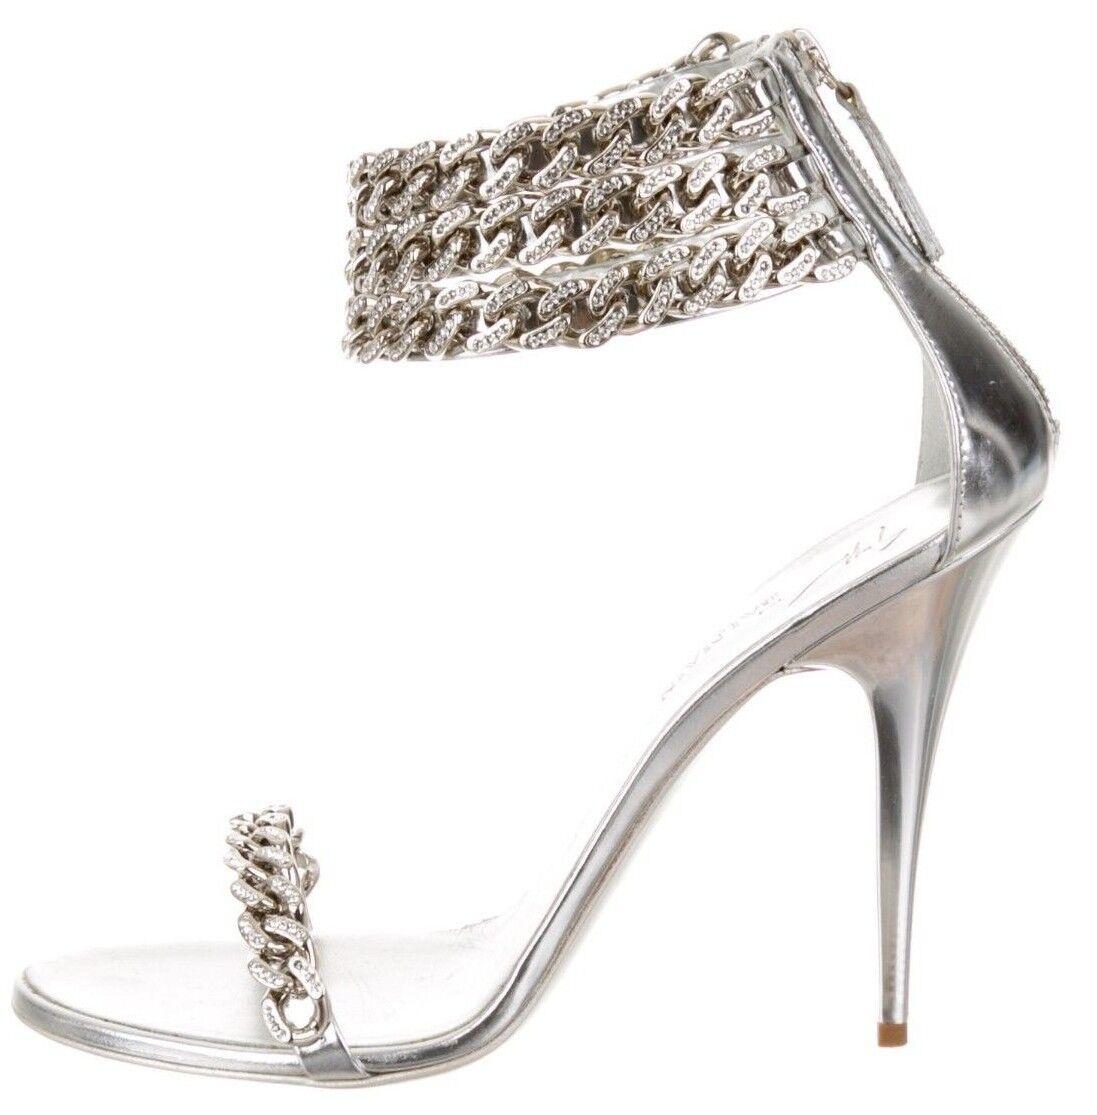 BALMAIN Silver Chain Sandals SZ 40 = US 9.5 - 10 - NIB